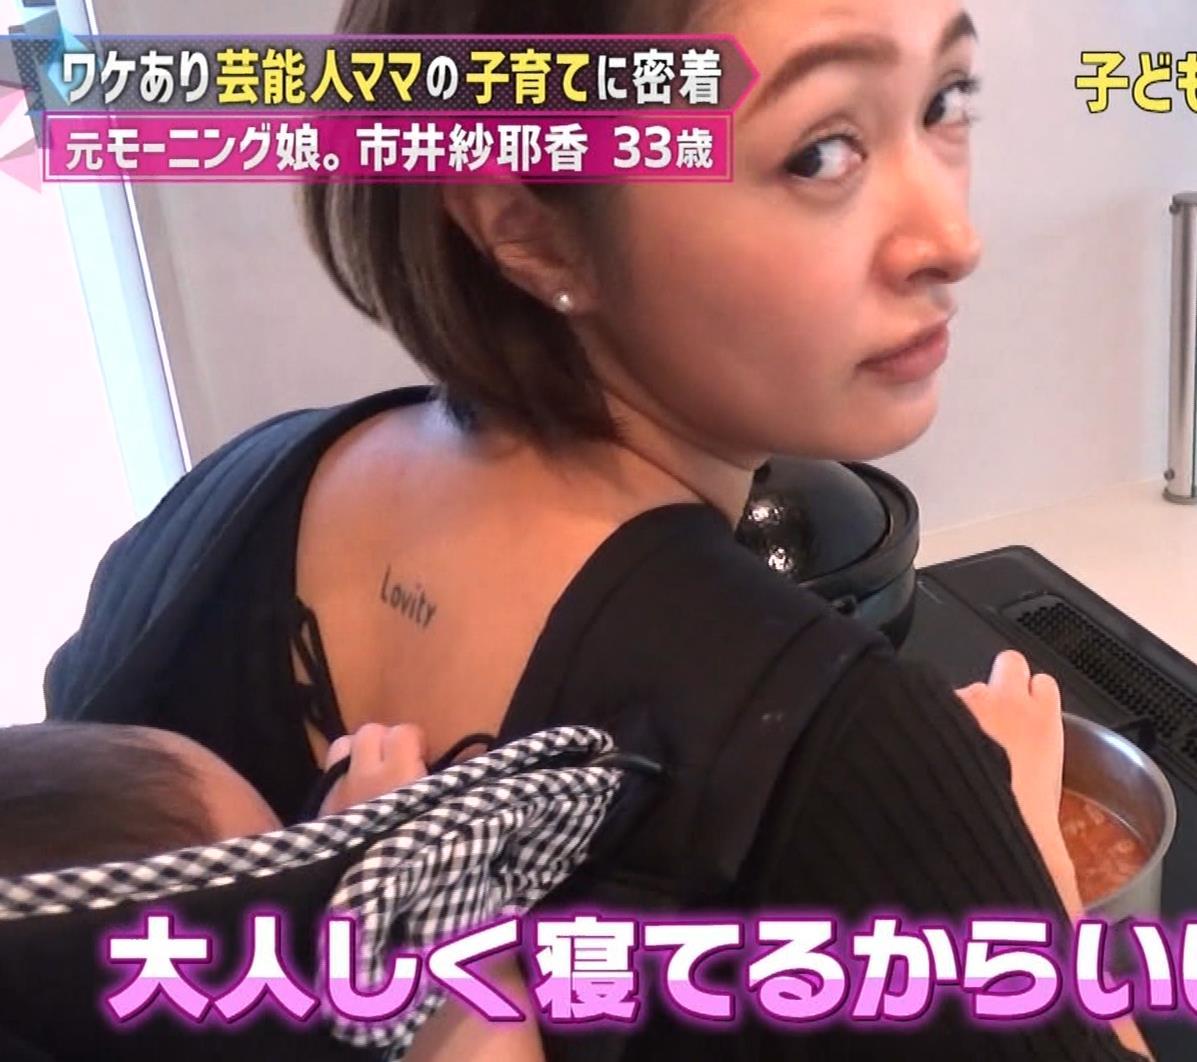 市井紗耶香 巨乳パイスラ!&ブラ透け&背中のタトゥーキャプ・エロ画像18